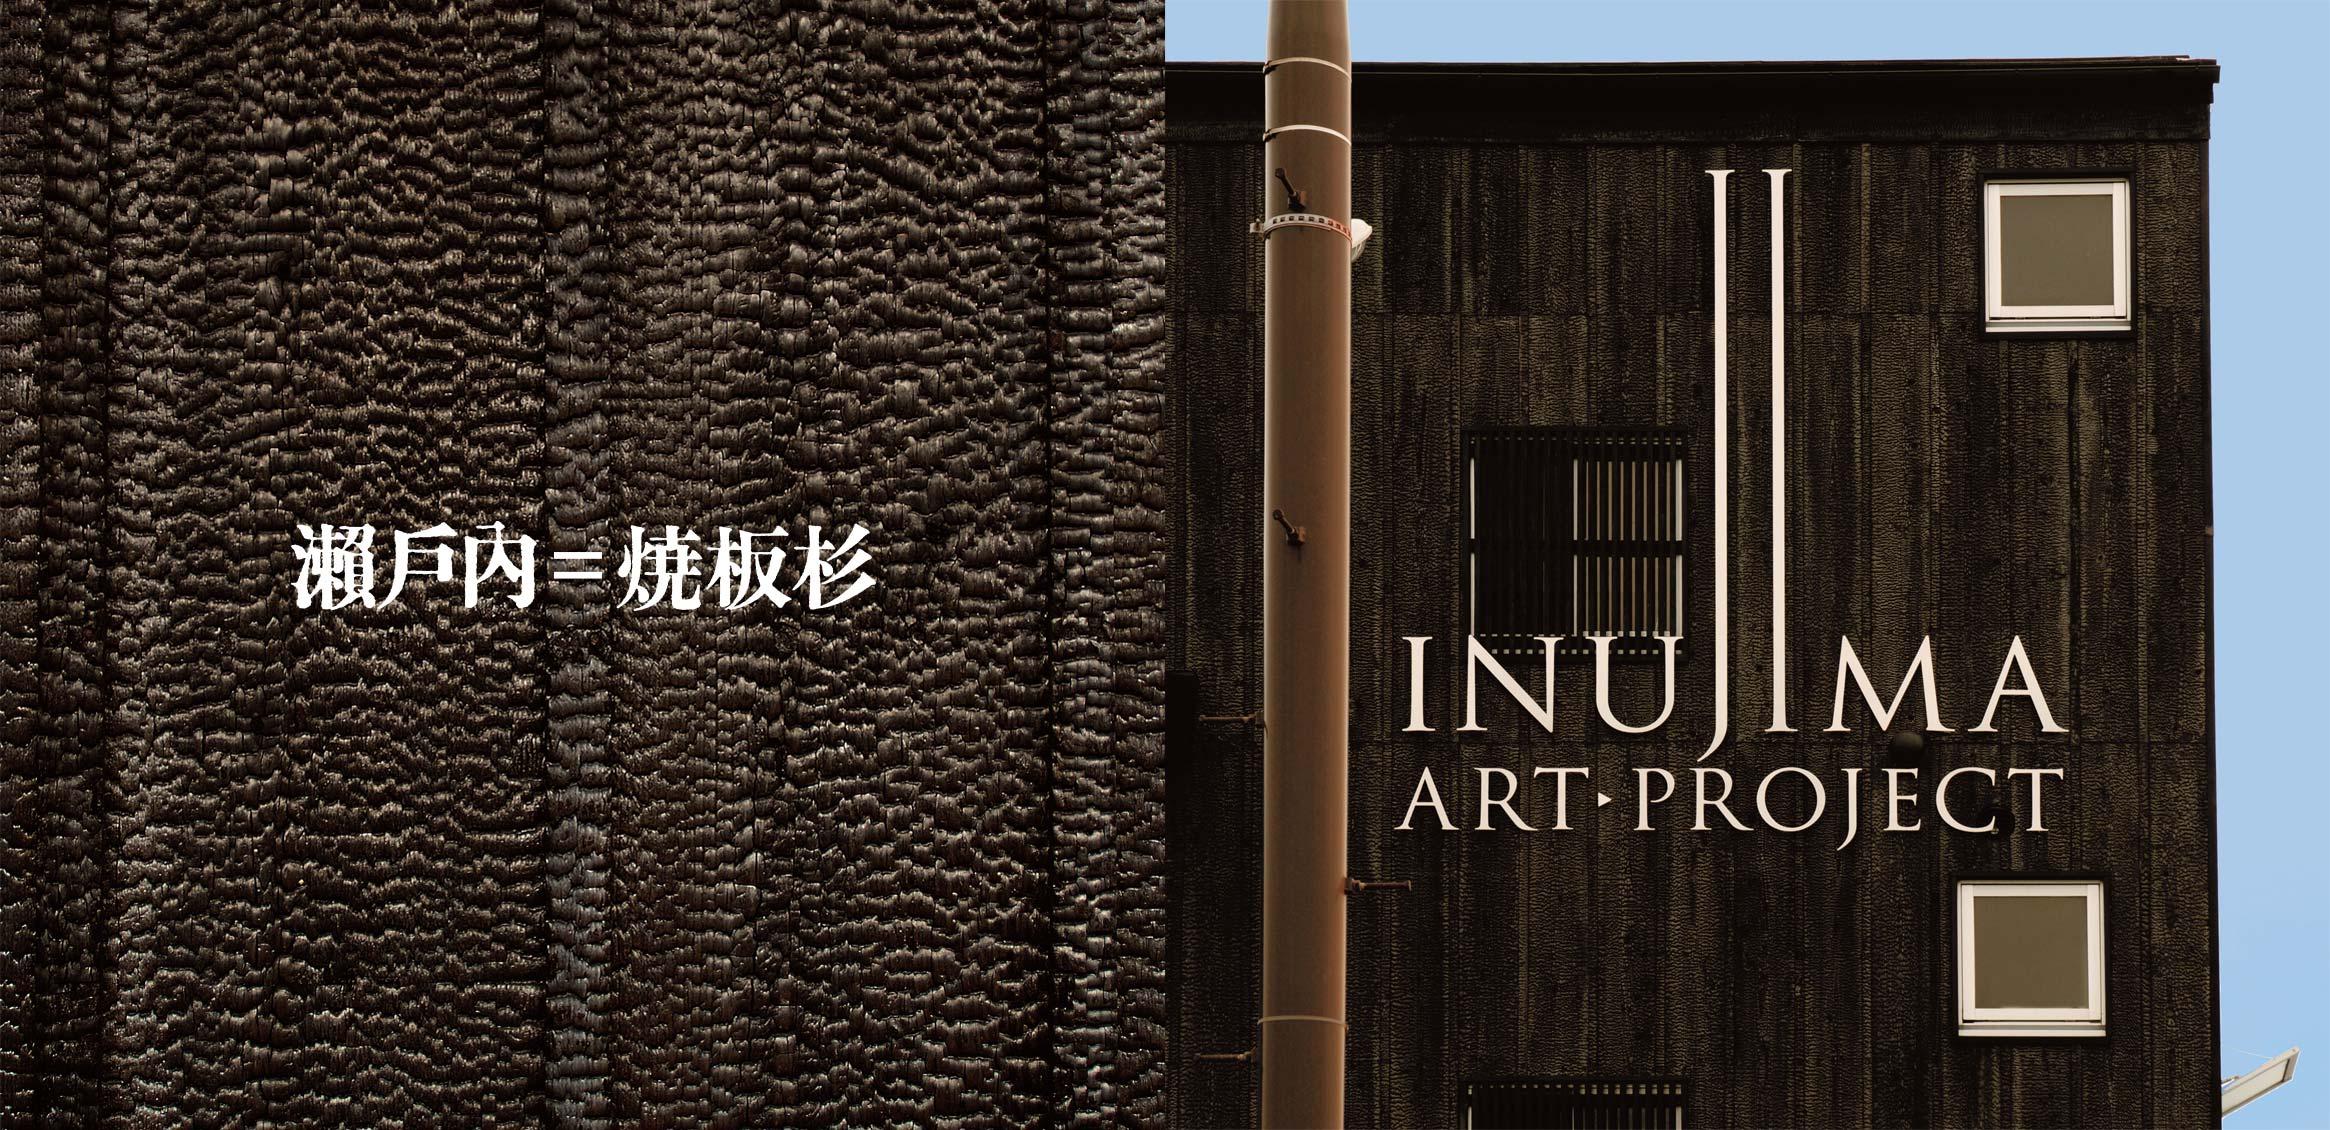 犬島アートプロジェクト サイン計画2枚目